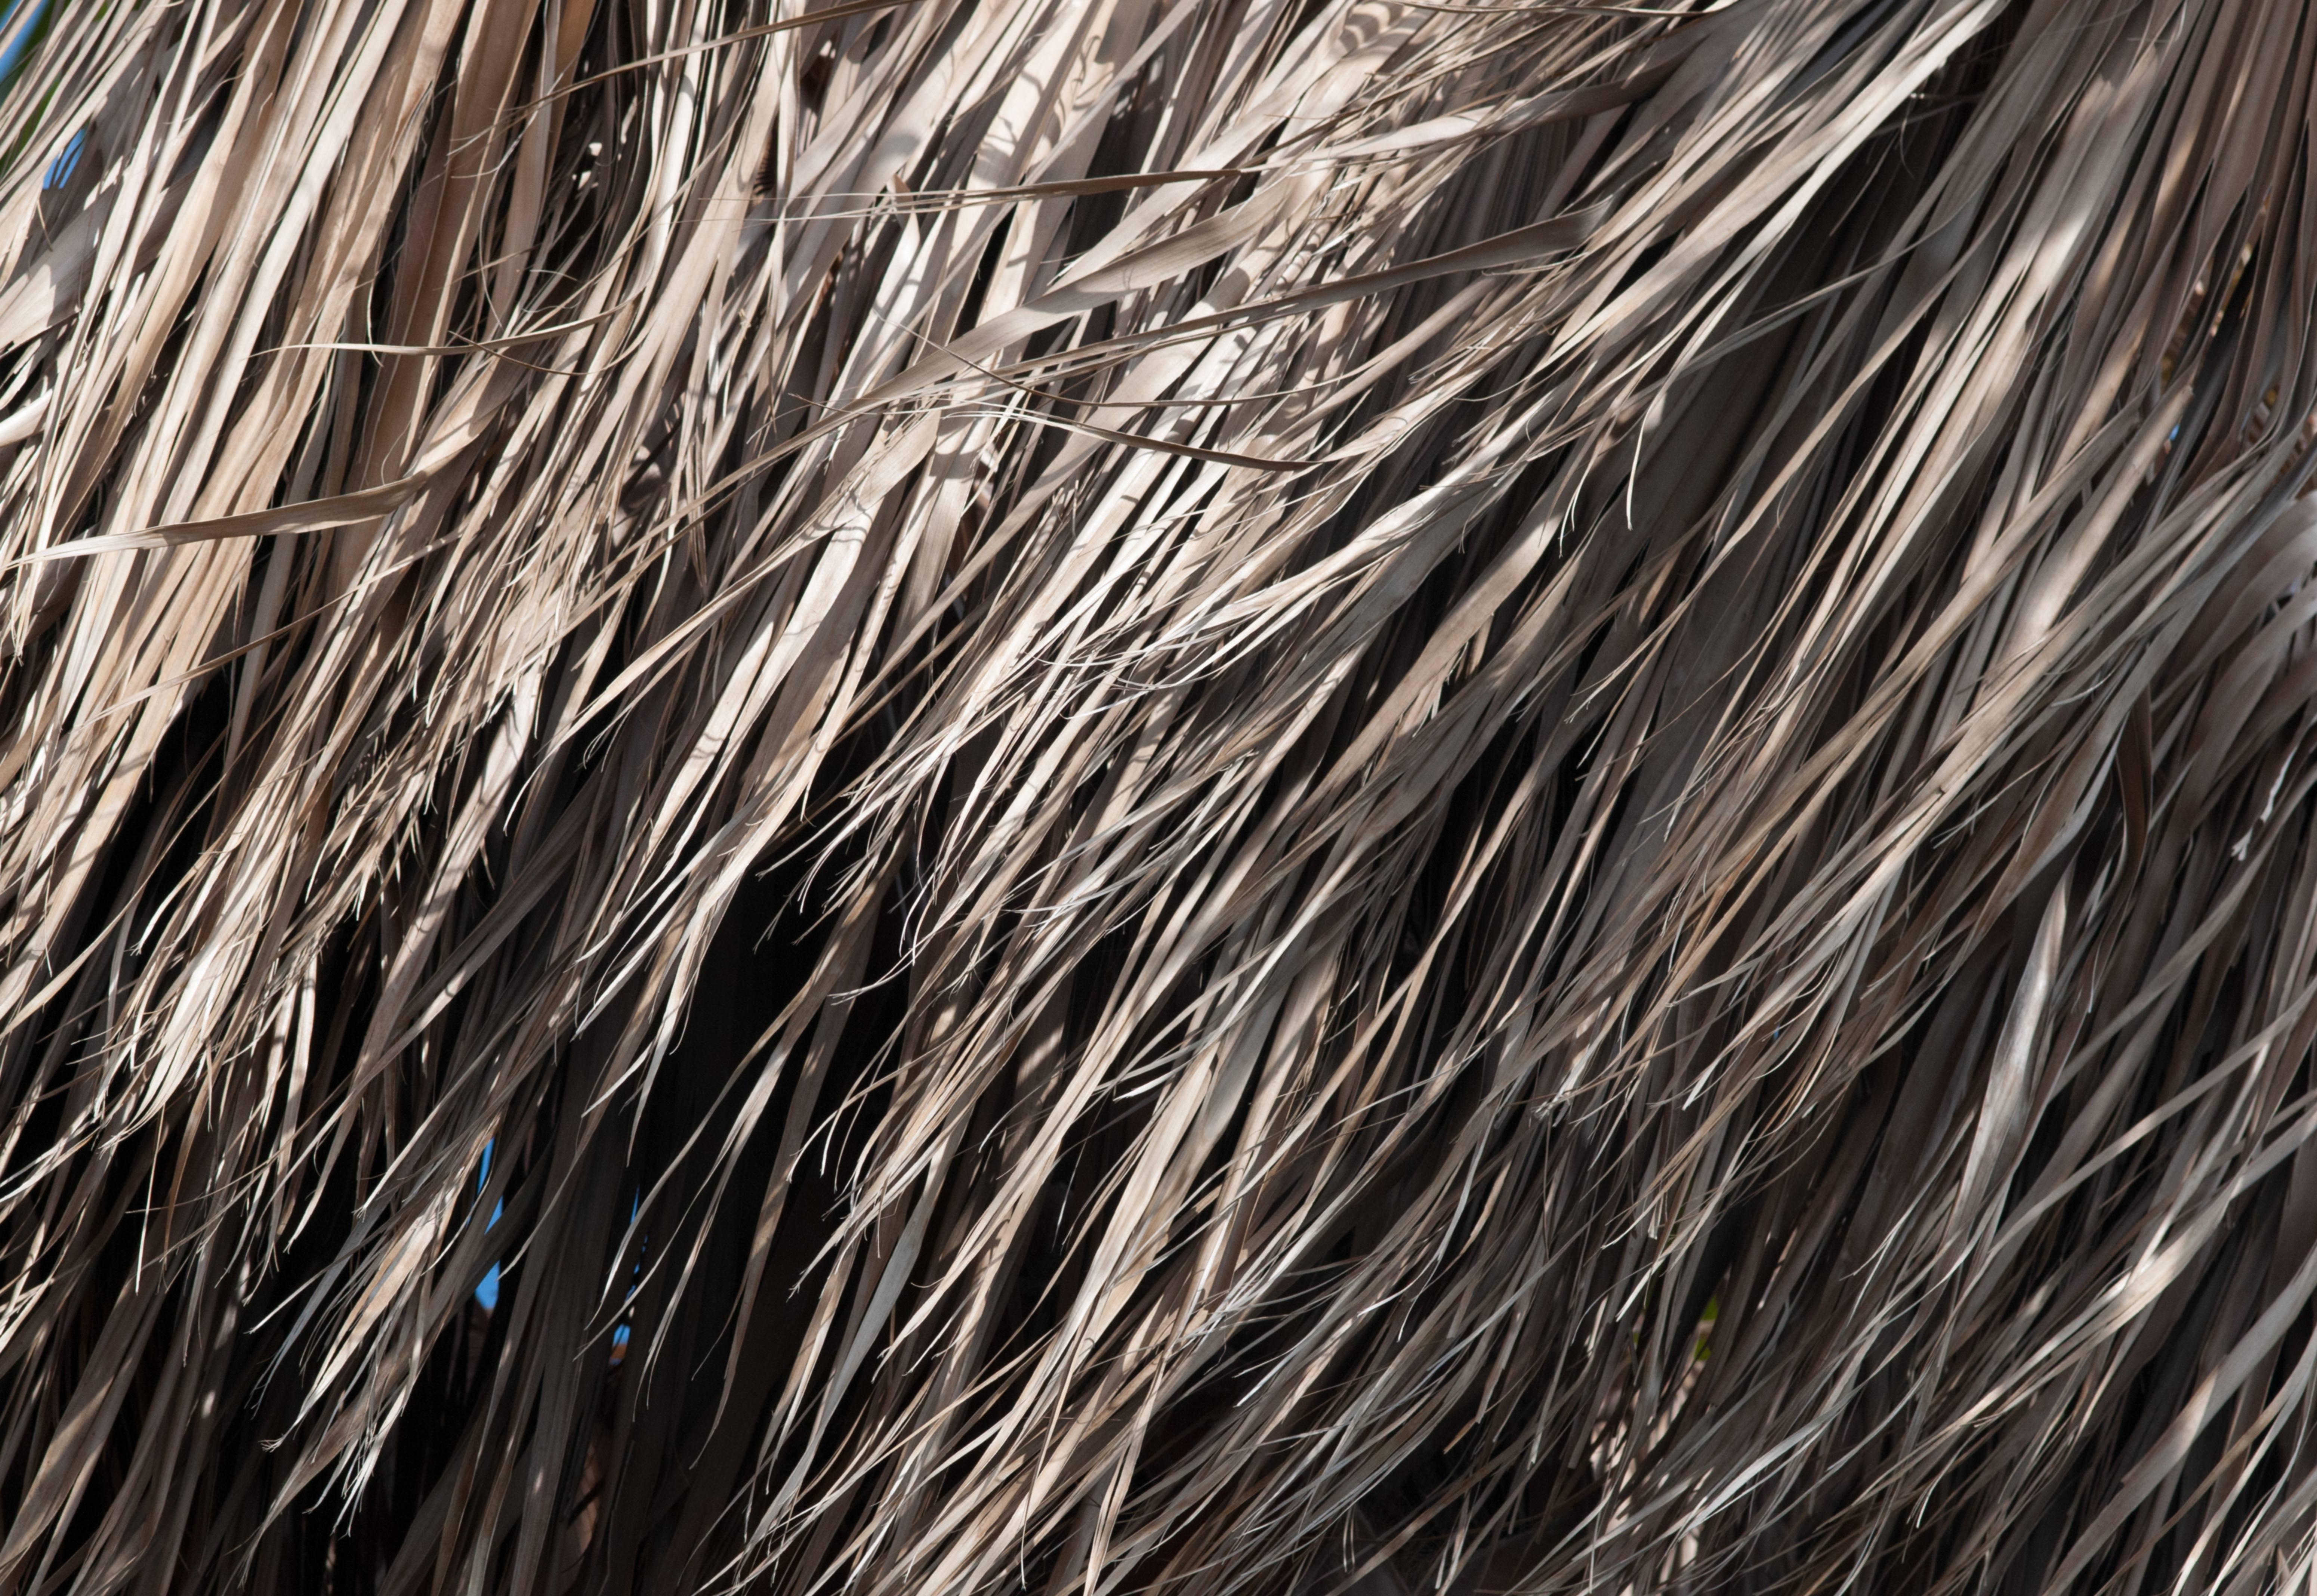 Dried Leaves Hair